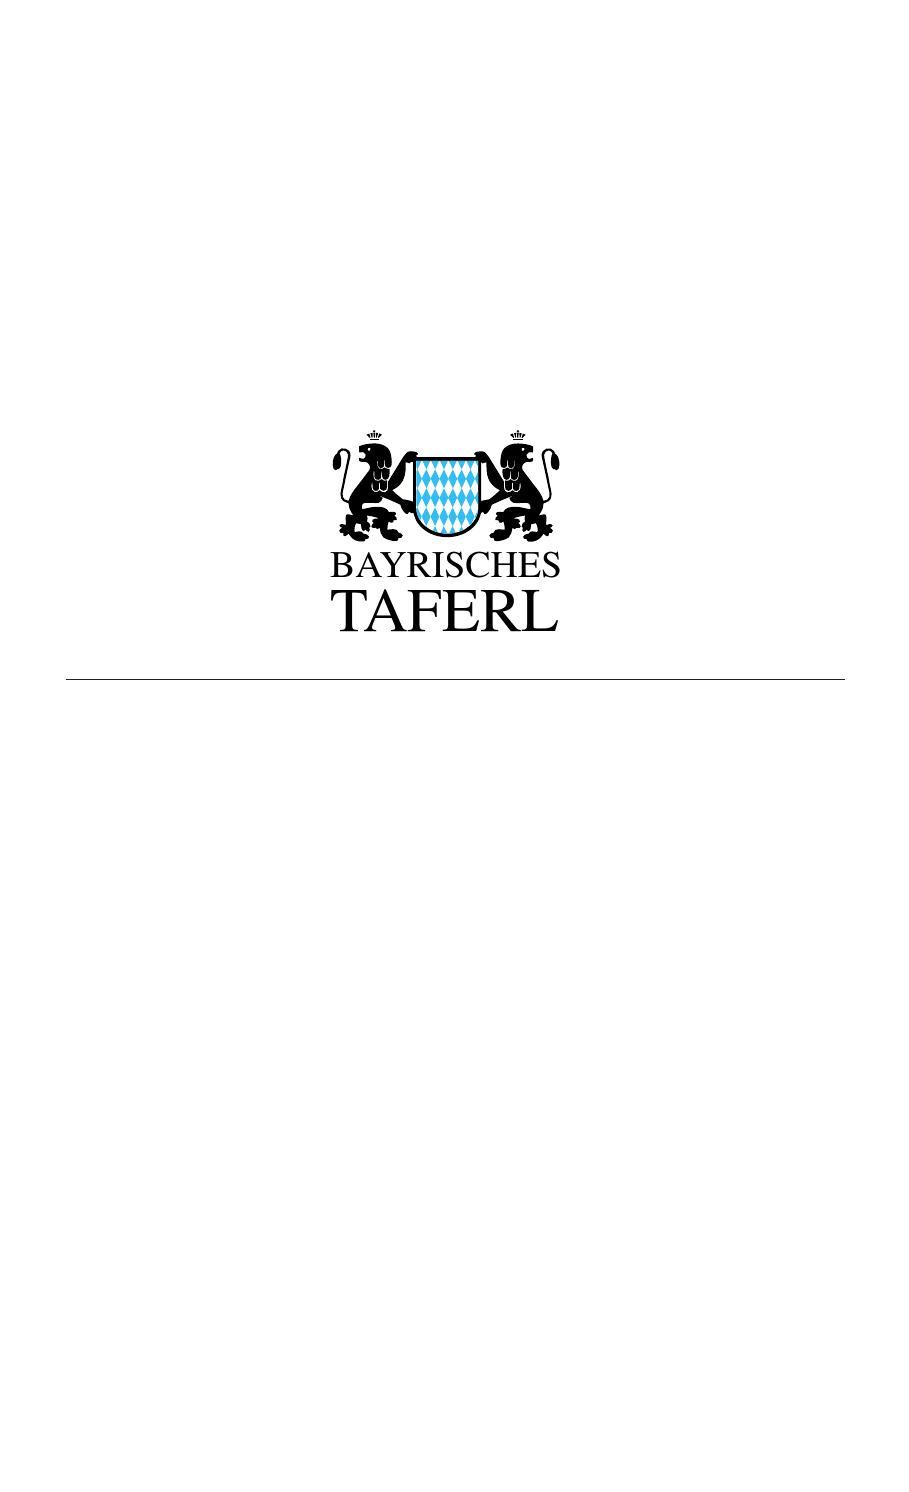 Ausgabe 36 2014 bayrisches taferl by Bayrisches Taferl - issuu